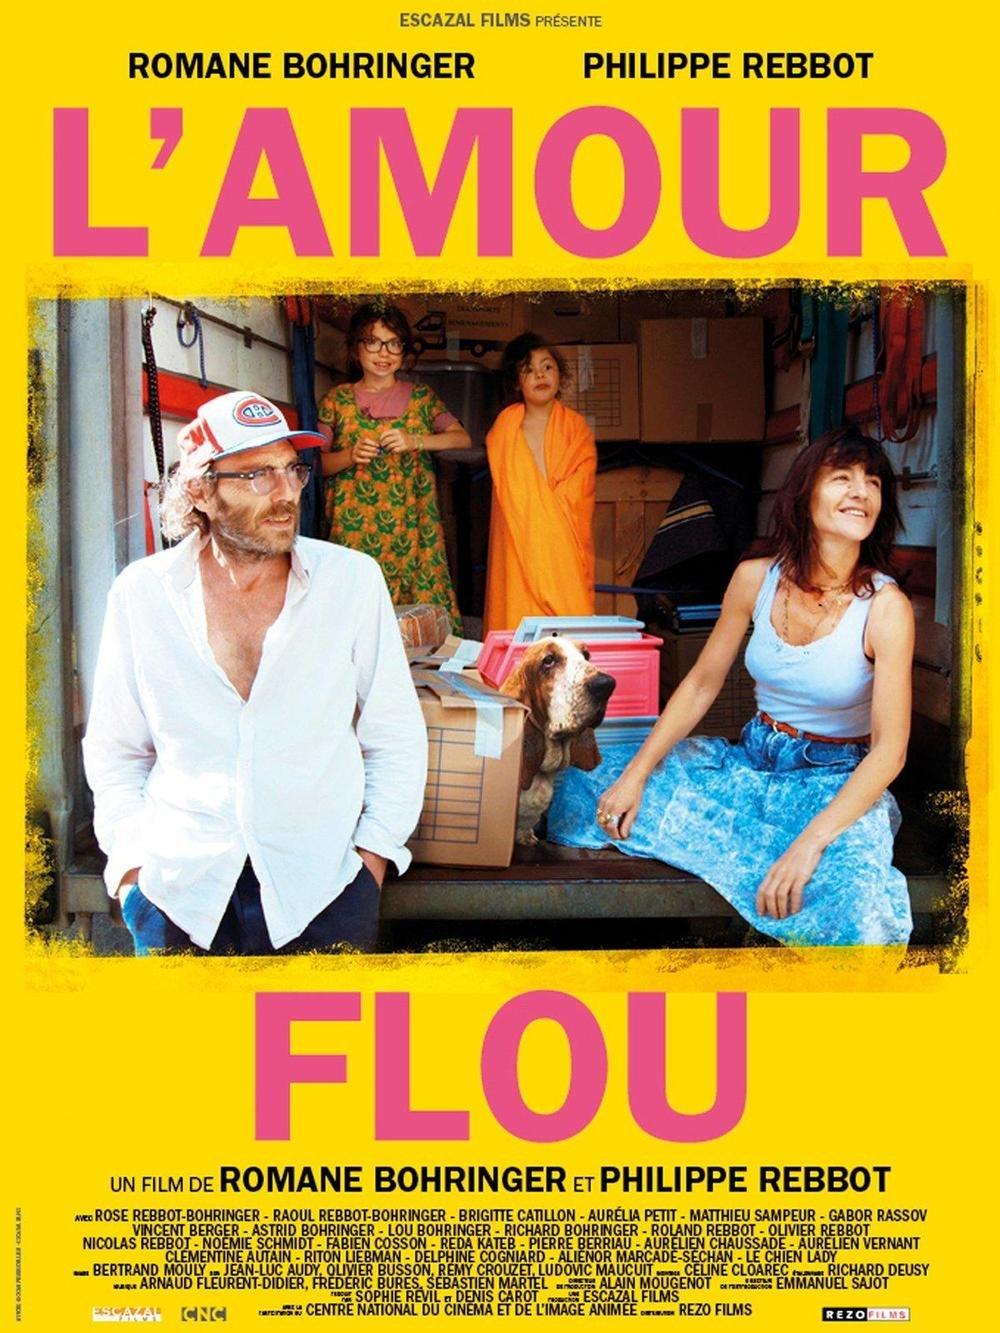 affiche du film L'amour flou